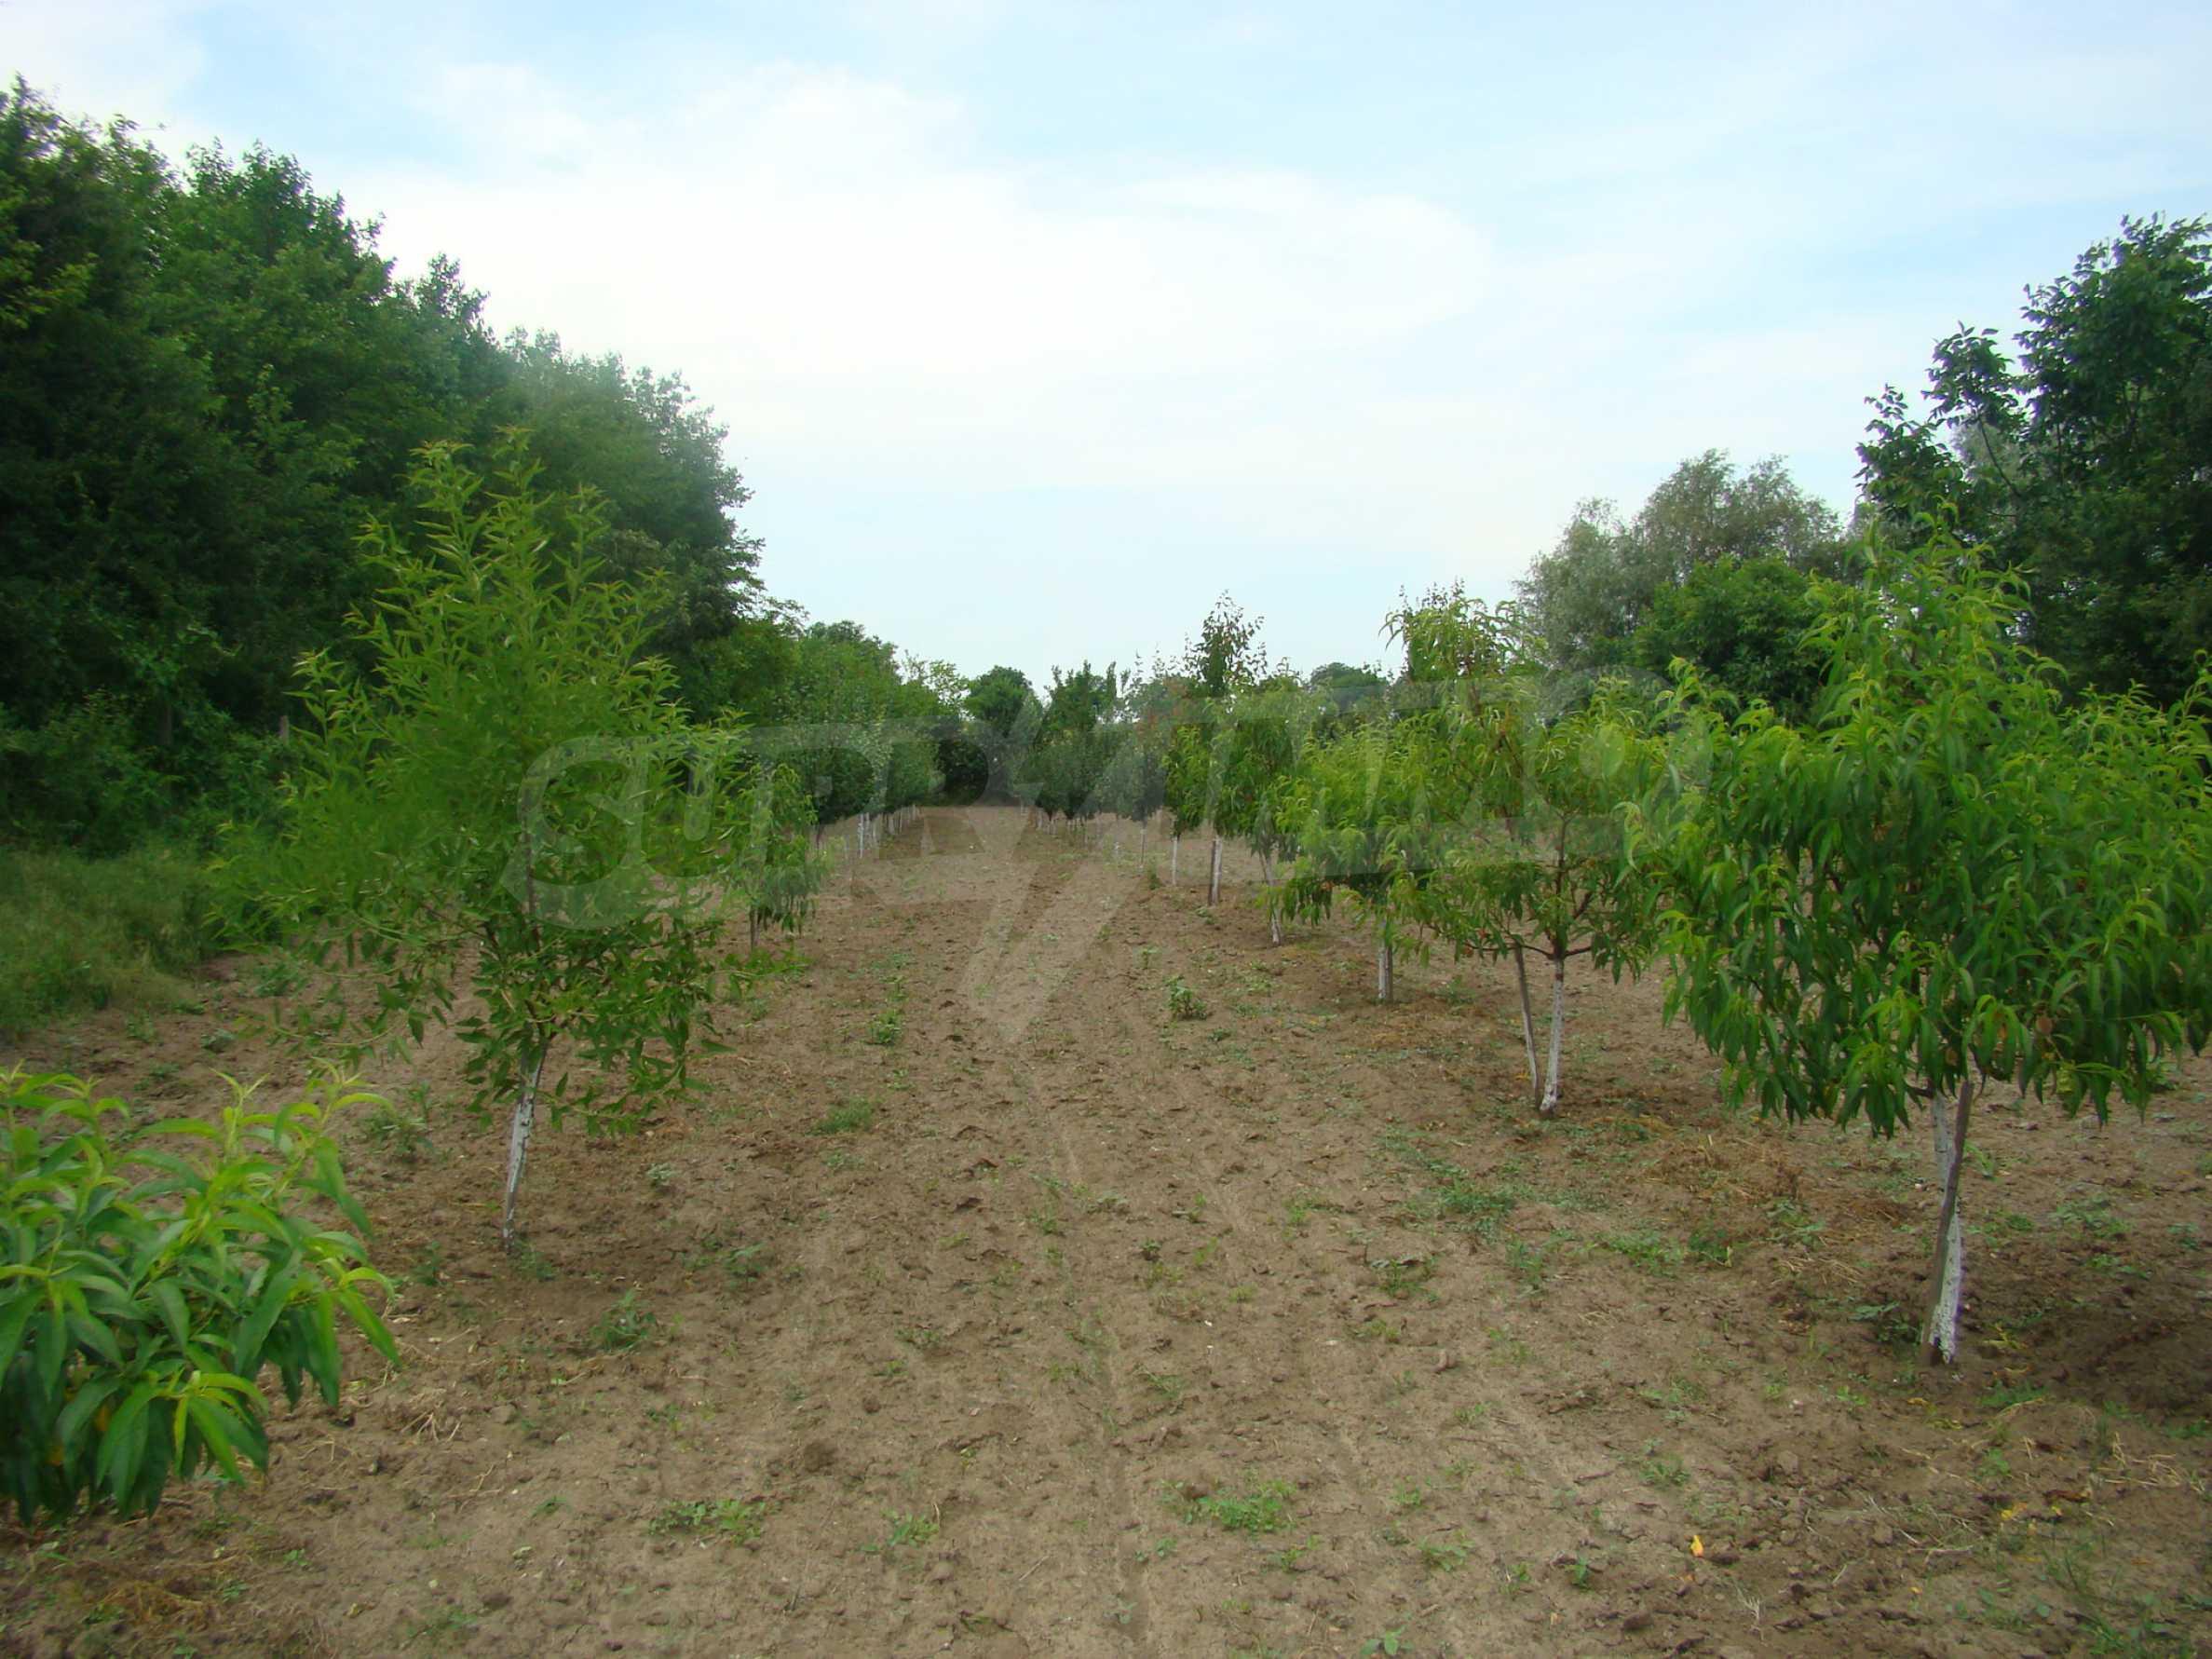 Земеделска земя с голяма овощна градина в близост до Видин 4